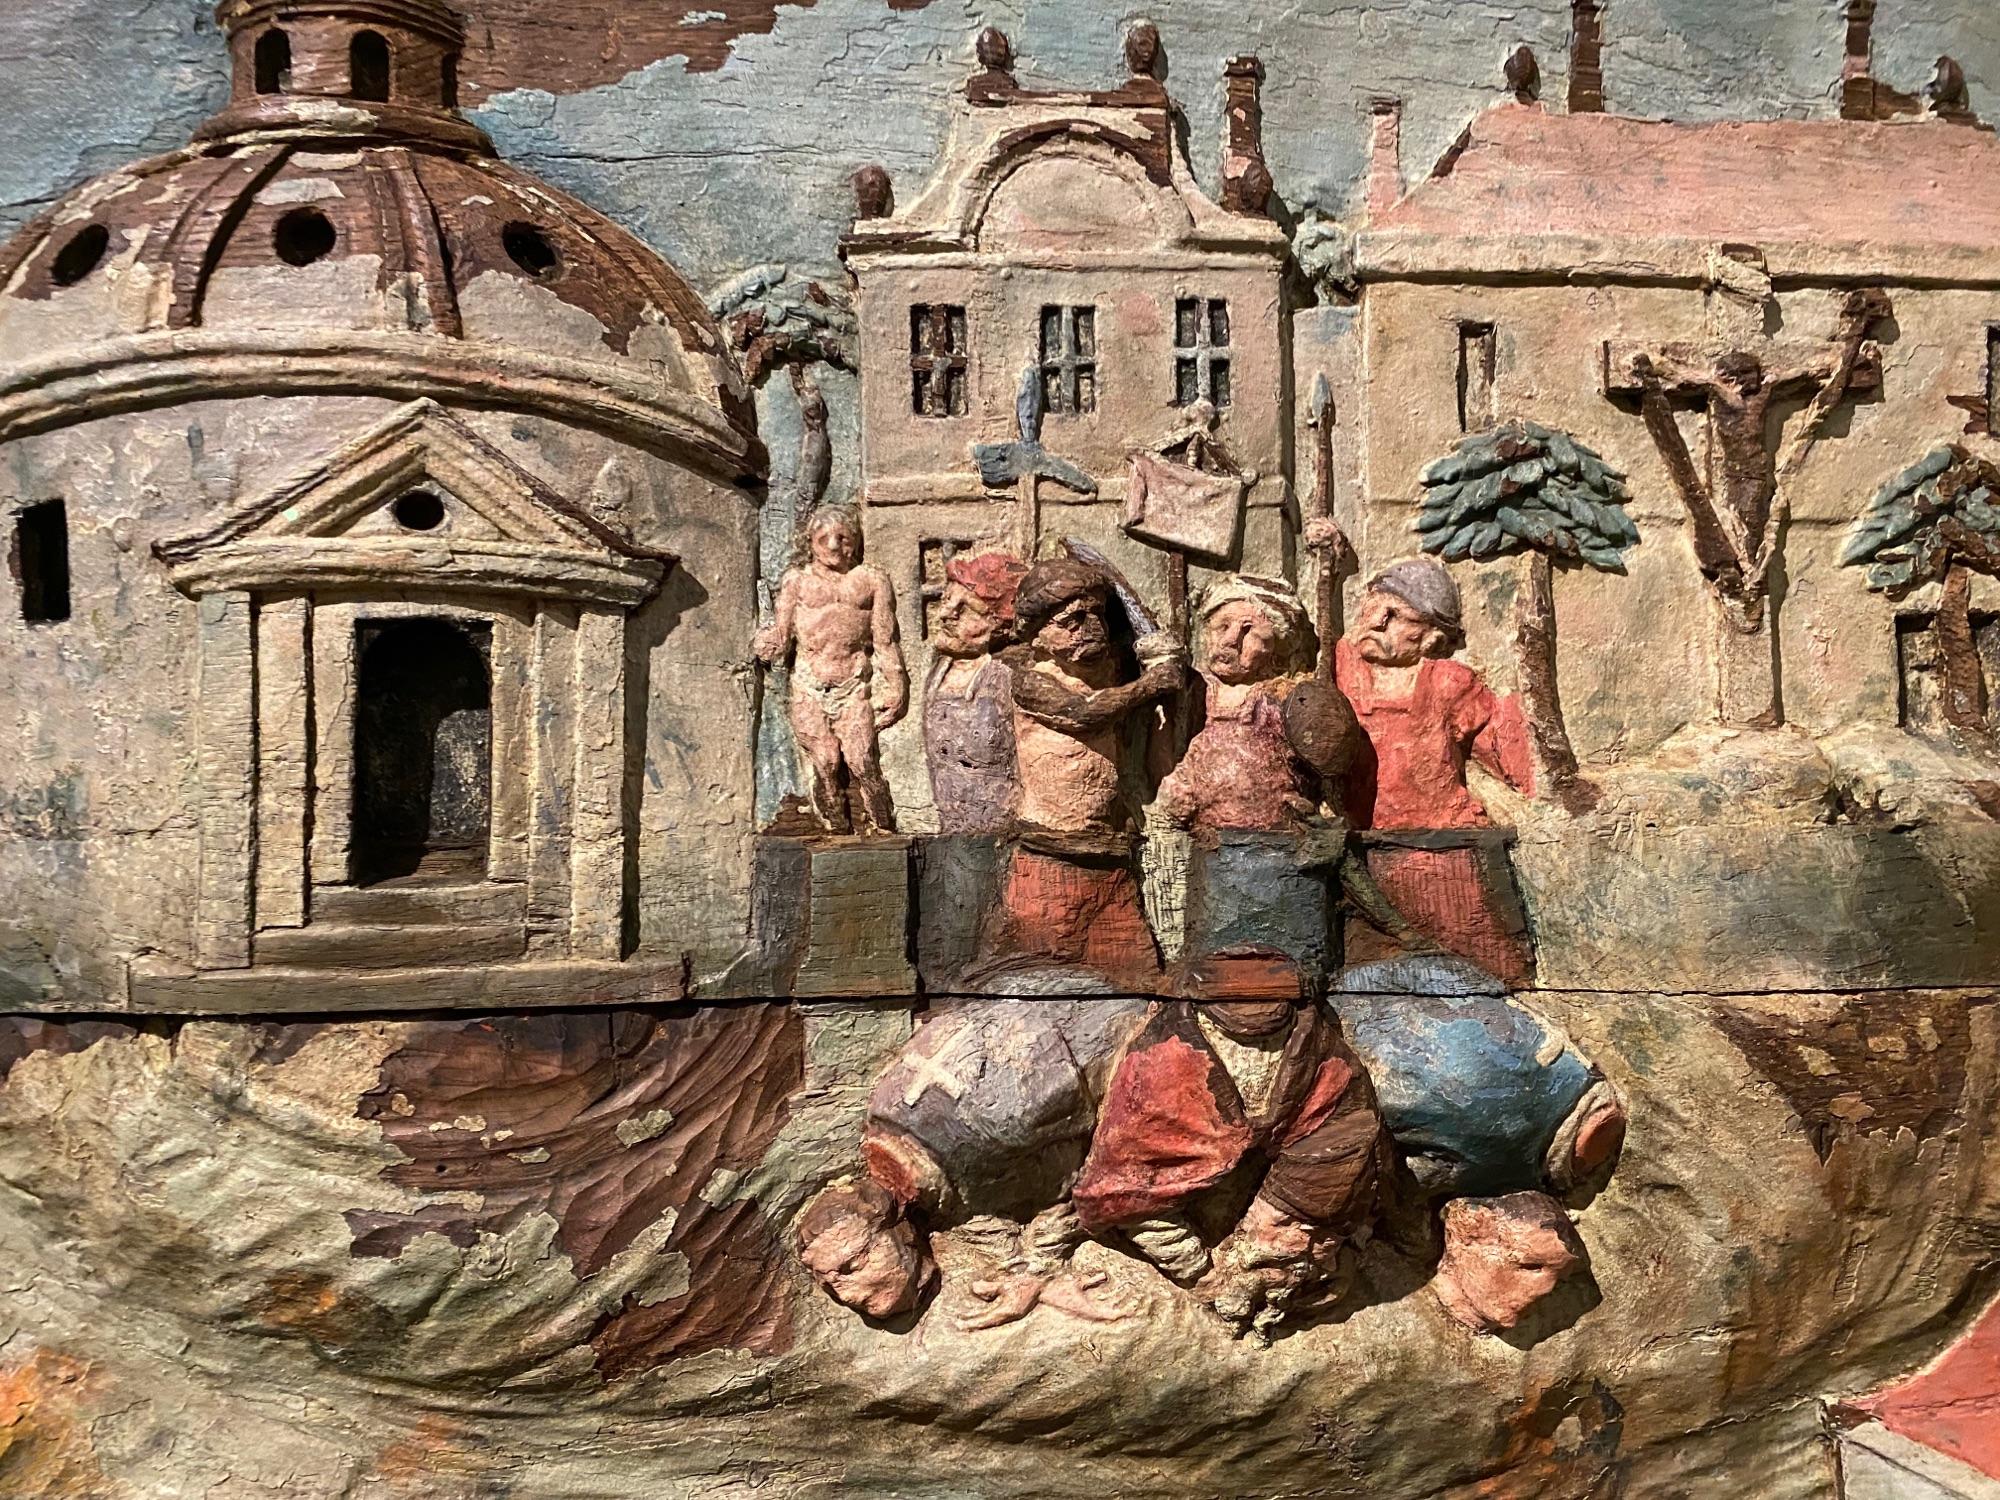 Картинка мучеников на Монмантре. Все мучаются, не зимними шинами, так чем нибудь еще.